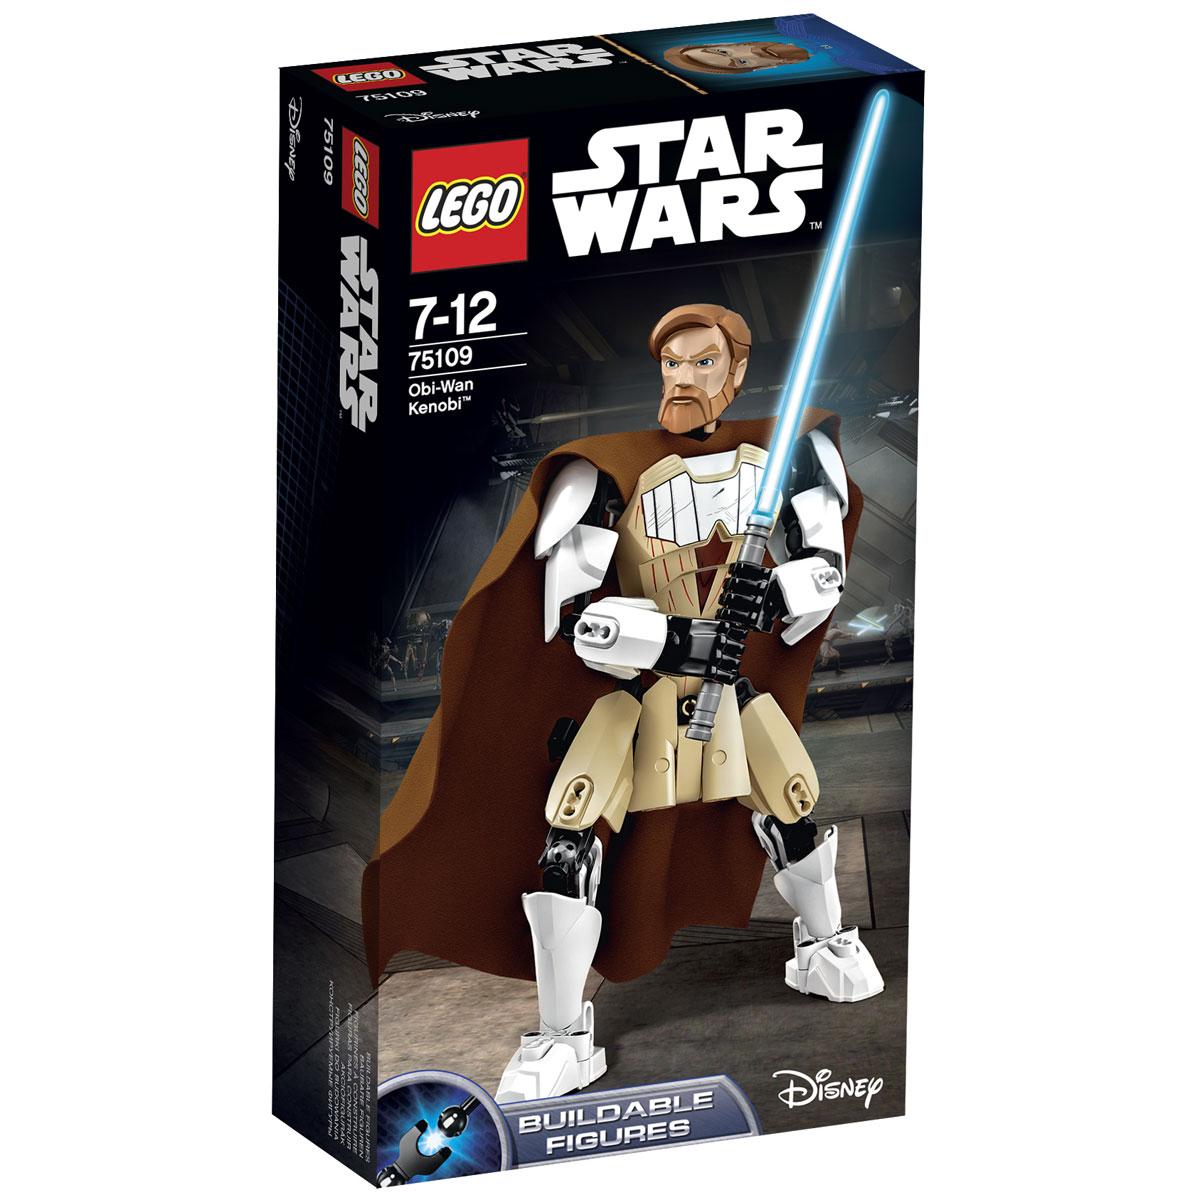 LEGO Star Wars Конструктор Оби Ван Кеноби 7510975109Конструктор LEGO Оби-Ван Кеноби станет отличным подарком фанатам Звездных войн! Боевая фигура Оби-Вана Кеноби посвящена наиболее значимому периоду в жизни легендарного мастера-джедая. Его лицо украшает пышная борода, а взгляд выражает готовность к сражению. Таким его запомнили все приверженцы Галактической Республики времён Войн клонов. Тело Кеноби покрывают защитные пластины бежевого и белого цвета, а за спиной развивается длинный матерчатый плащ. В правой руке джедай сжимает световой меч, который стал его верным другом в борьбе против приспешников Империи. Высота фигуры Оби-Вана Кеноби составляет 25 см. Благодаря шарнирной конструкции всех суставов джедай способен реалистично двигаться, а также принимать различные боевые позы, не теряя при этом равновесие. На бедре фигуры предусмотрено крепление для светового меча. Во время дуэли Кеноби может фехтовать одной или обеими руками, в зависимости от выбранной техники боя и количества противников. Конструктор - это один...